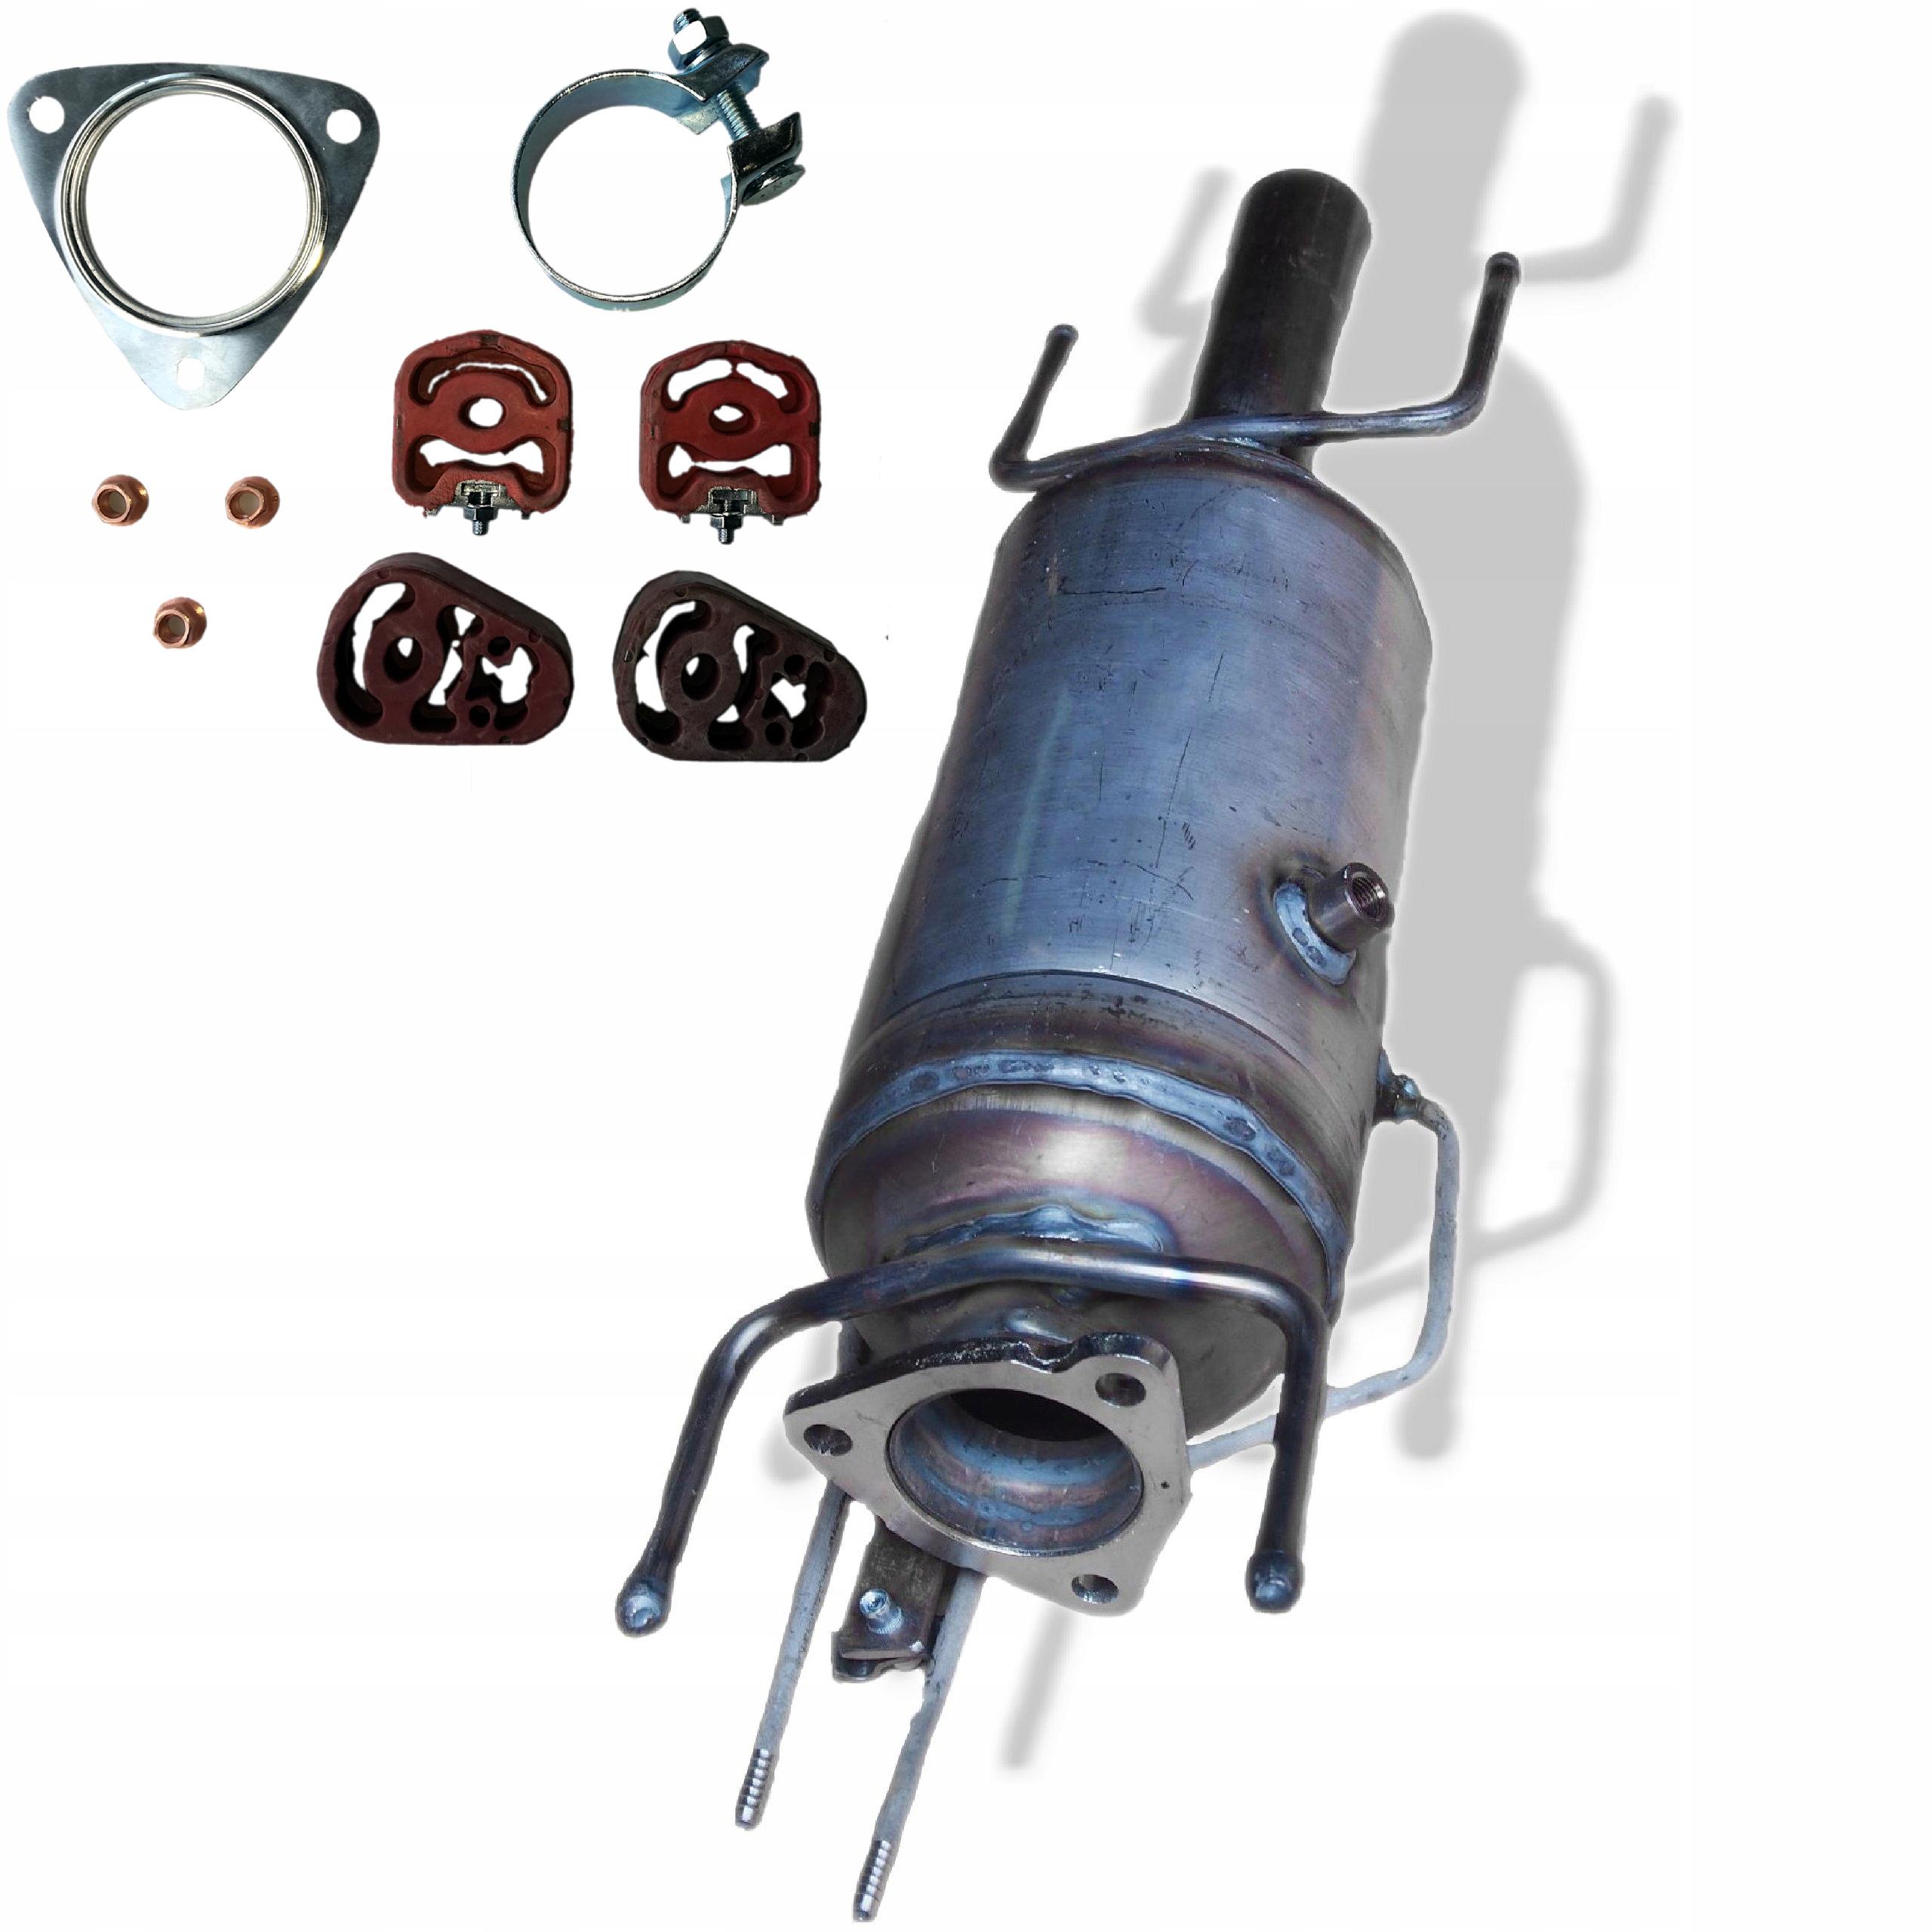 фильтр dpf fap opel vectra c 1 9 2004-